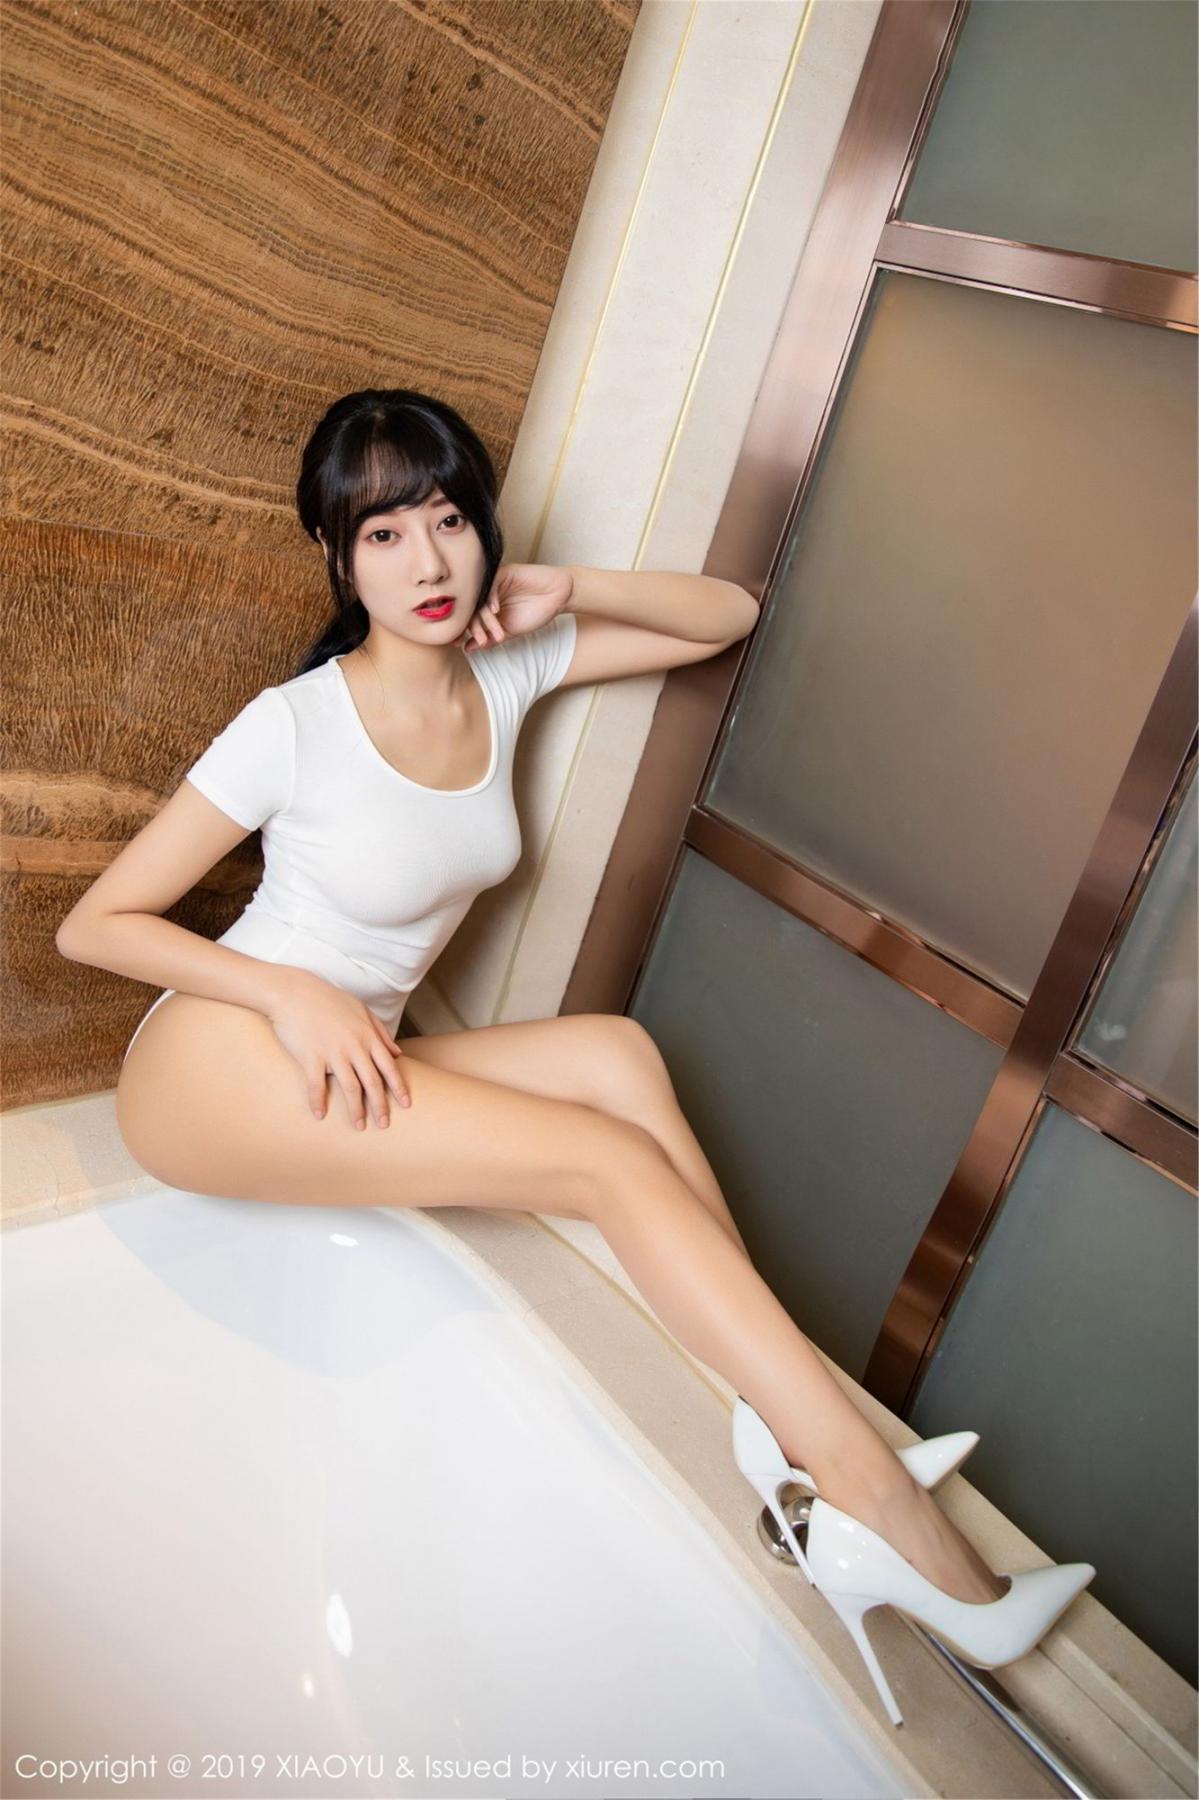 [XiaoYu] Vol.116 He Jia Ying 13P, Bathroom, He Jia Ying, Wet, XiaoYu